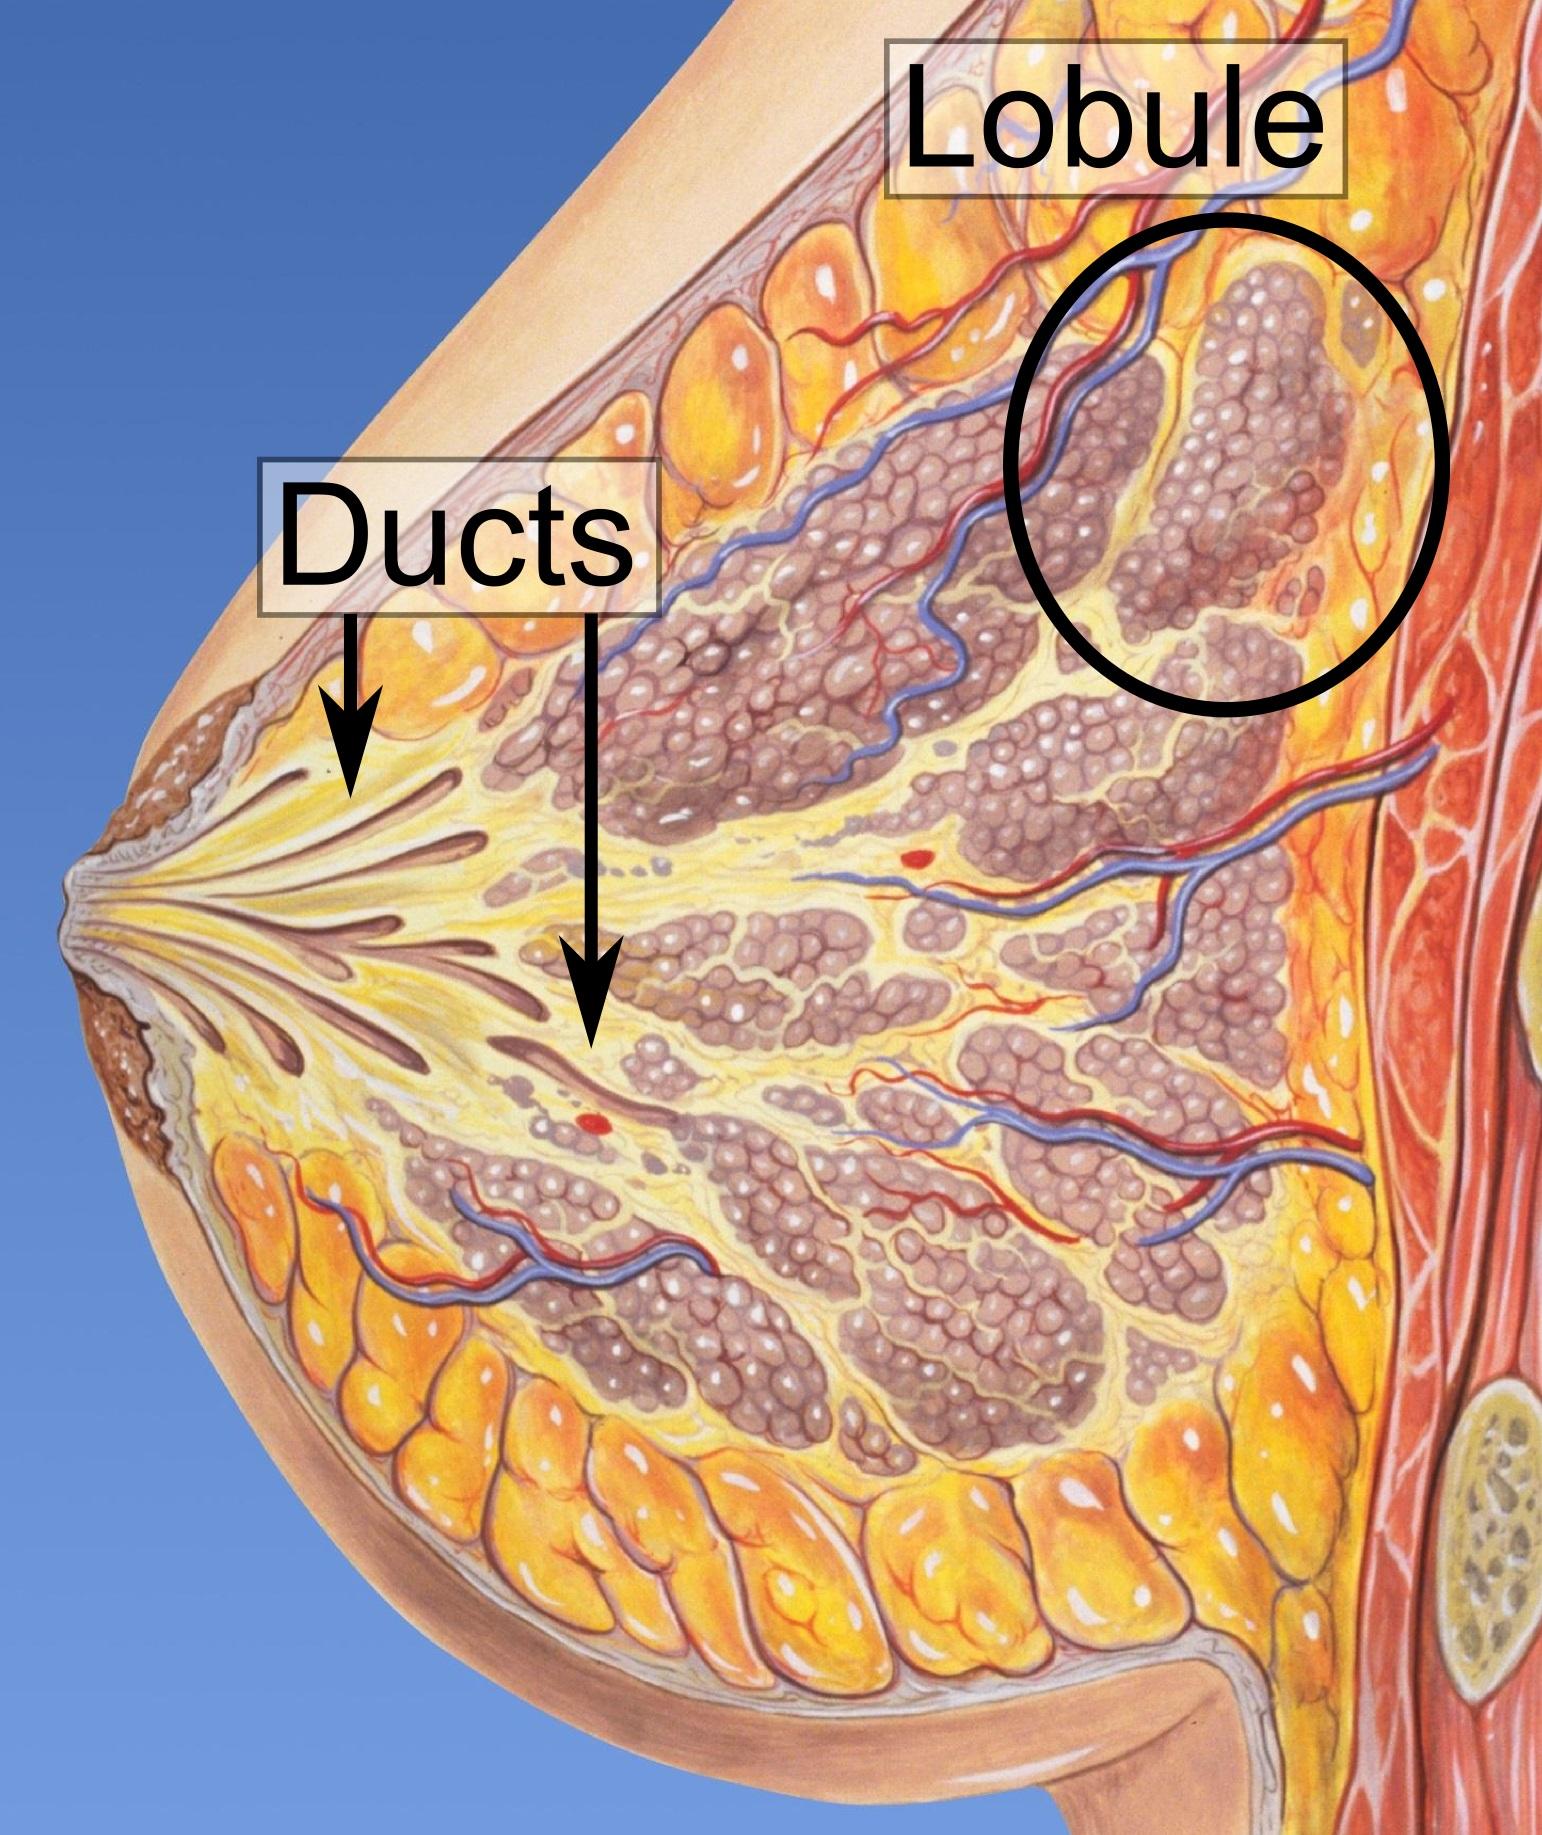 creșterea pe piele sub braț hpv virus false positive